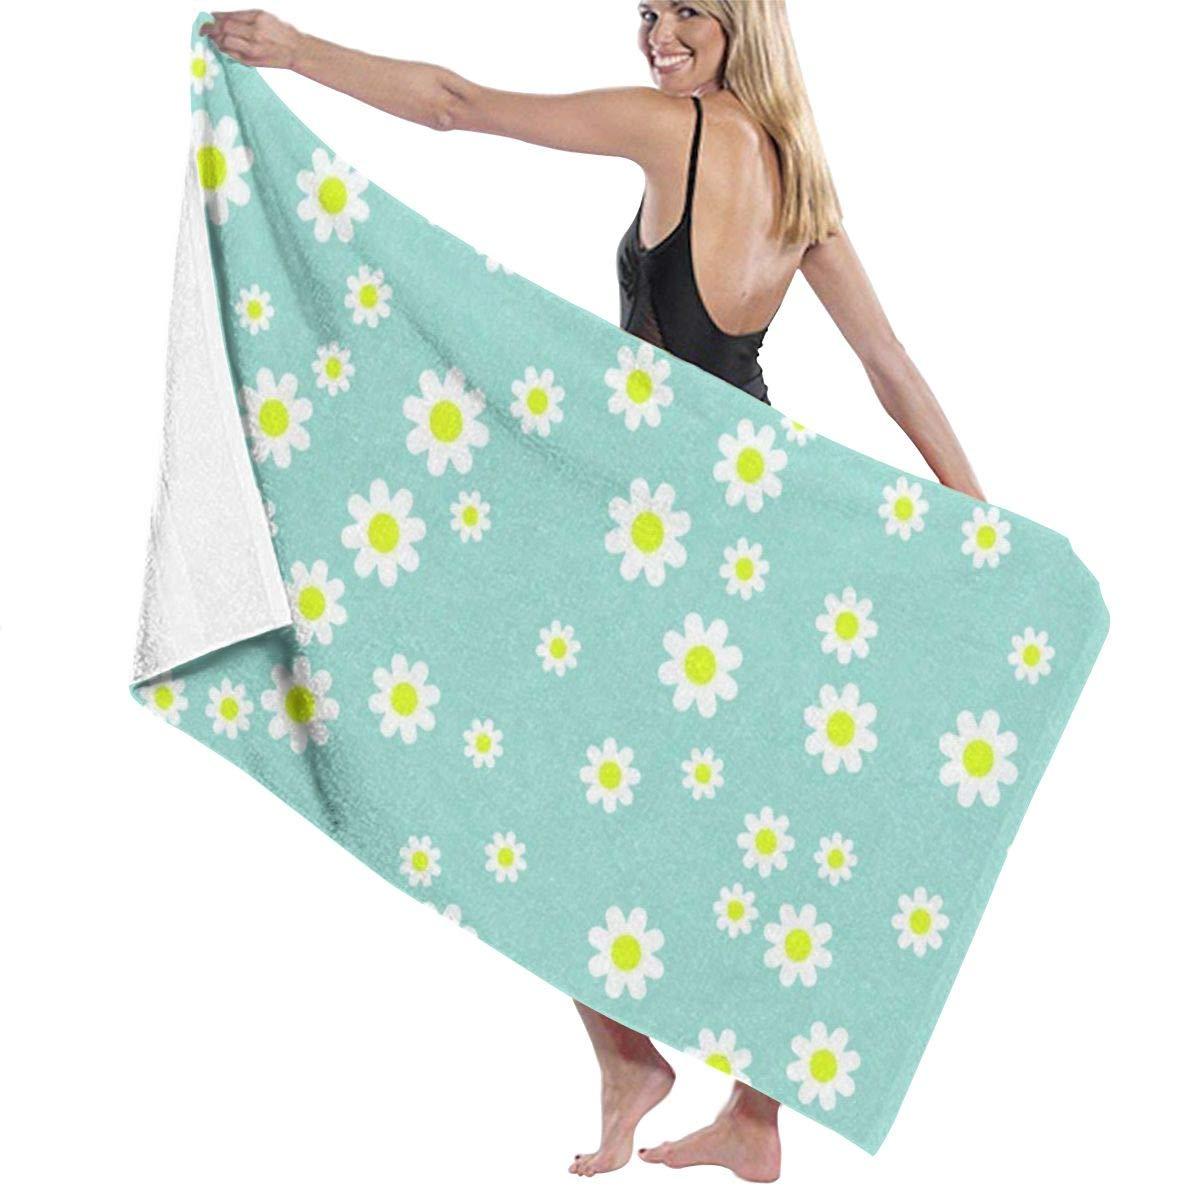 Amazoncom Ri jist Beach Bath Towels Small Chrysanthemum Green 1200x1200